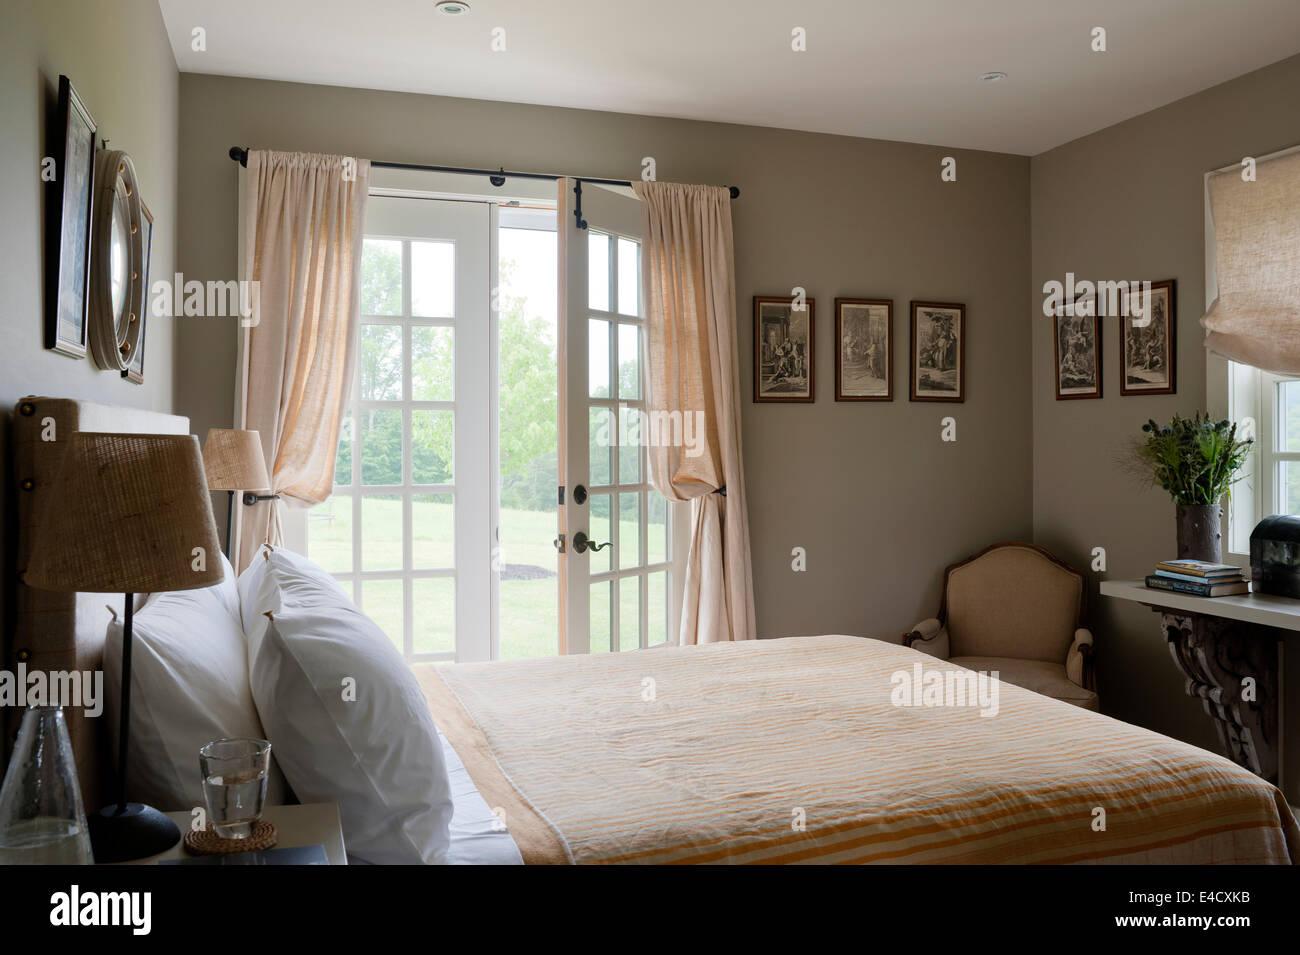 Gestreifte Pfirsich Und Weißer Bettwäsche Im Schlafzimmer Mit Französischen  Fenstern Stockbild